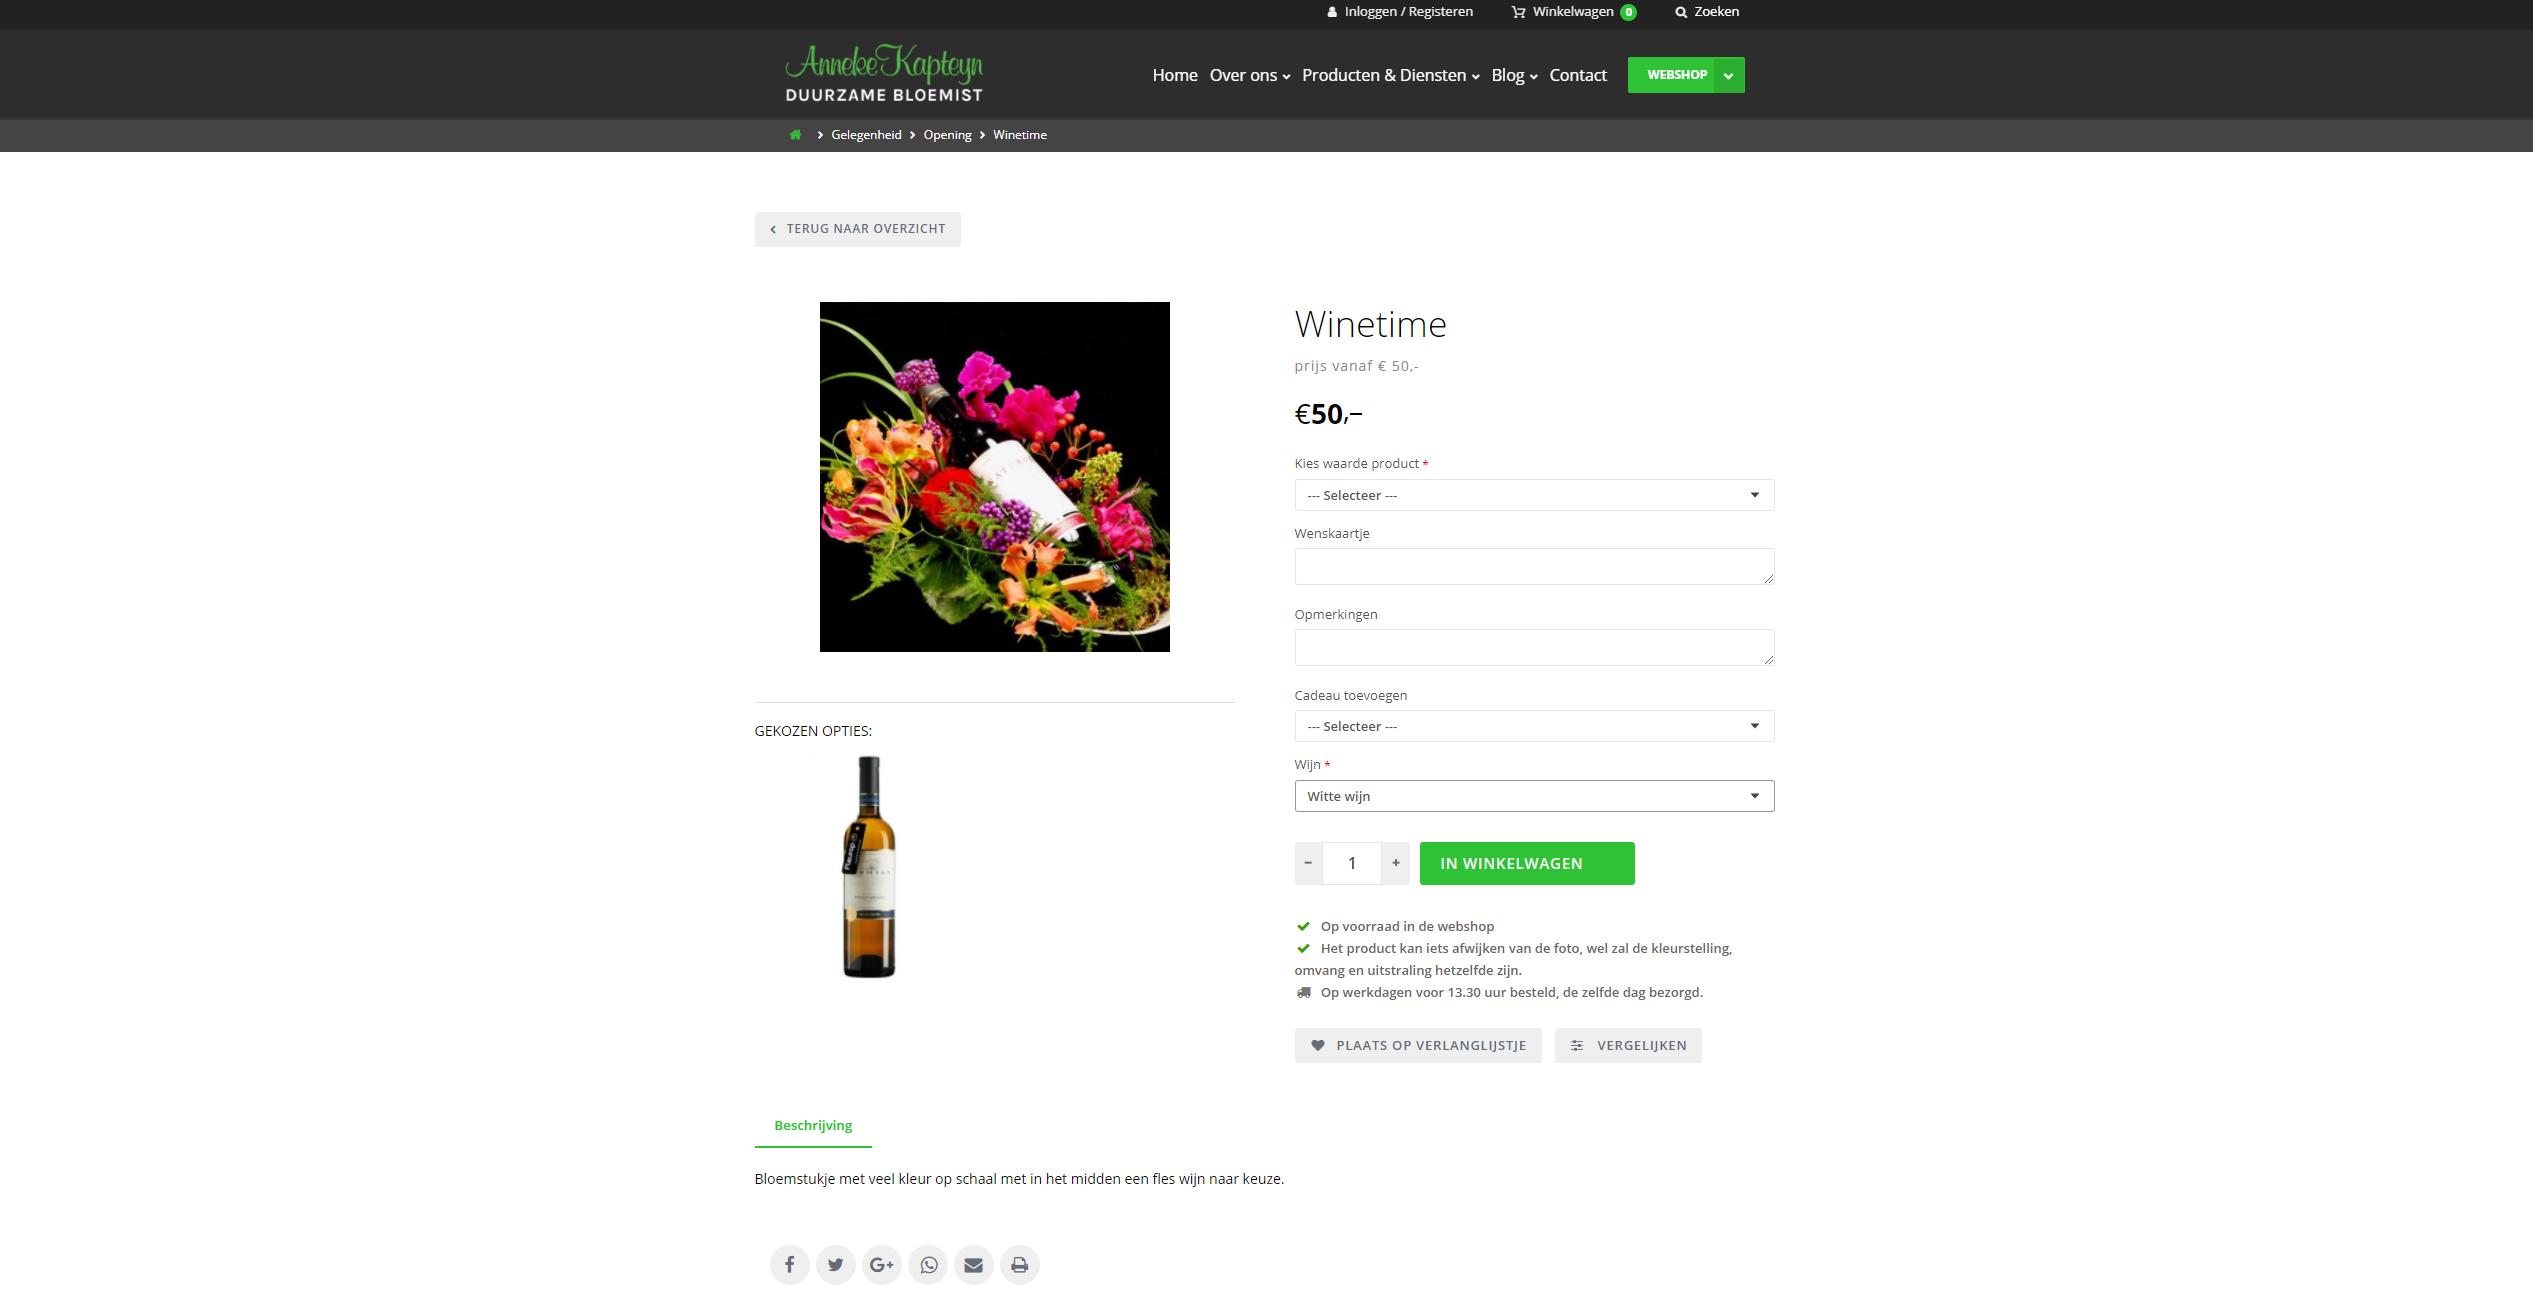 Winetime-Anneke-Kapteyn